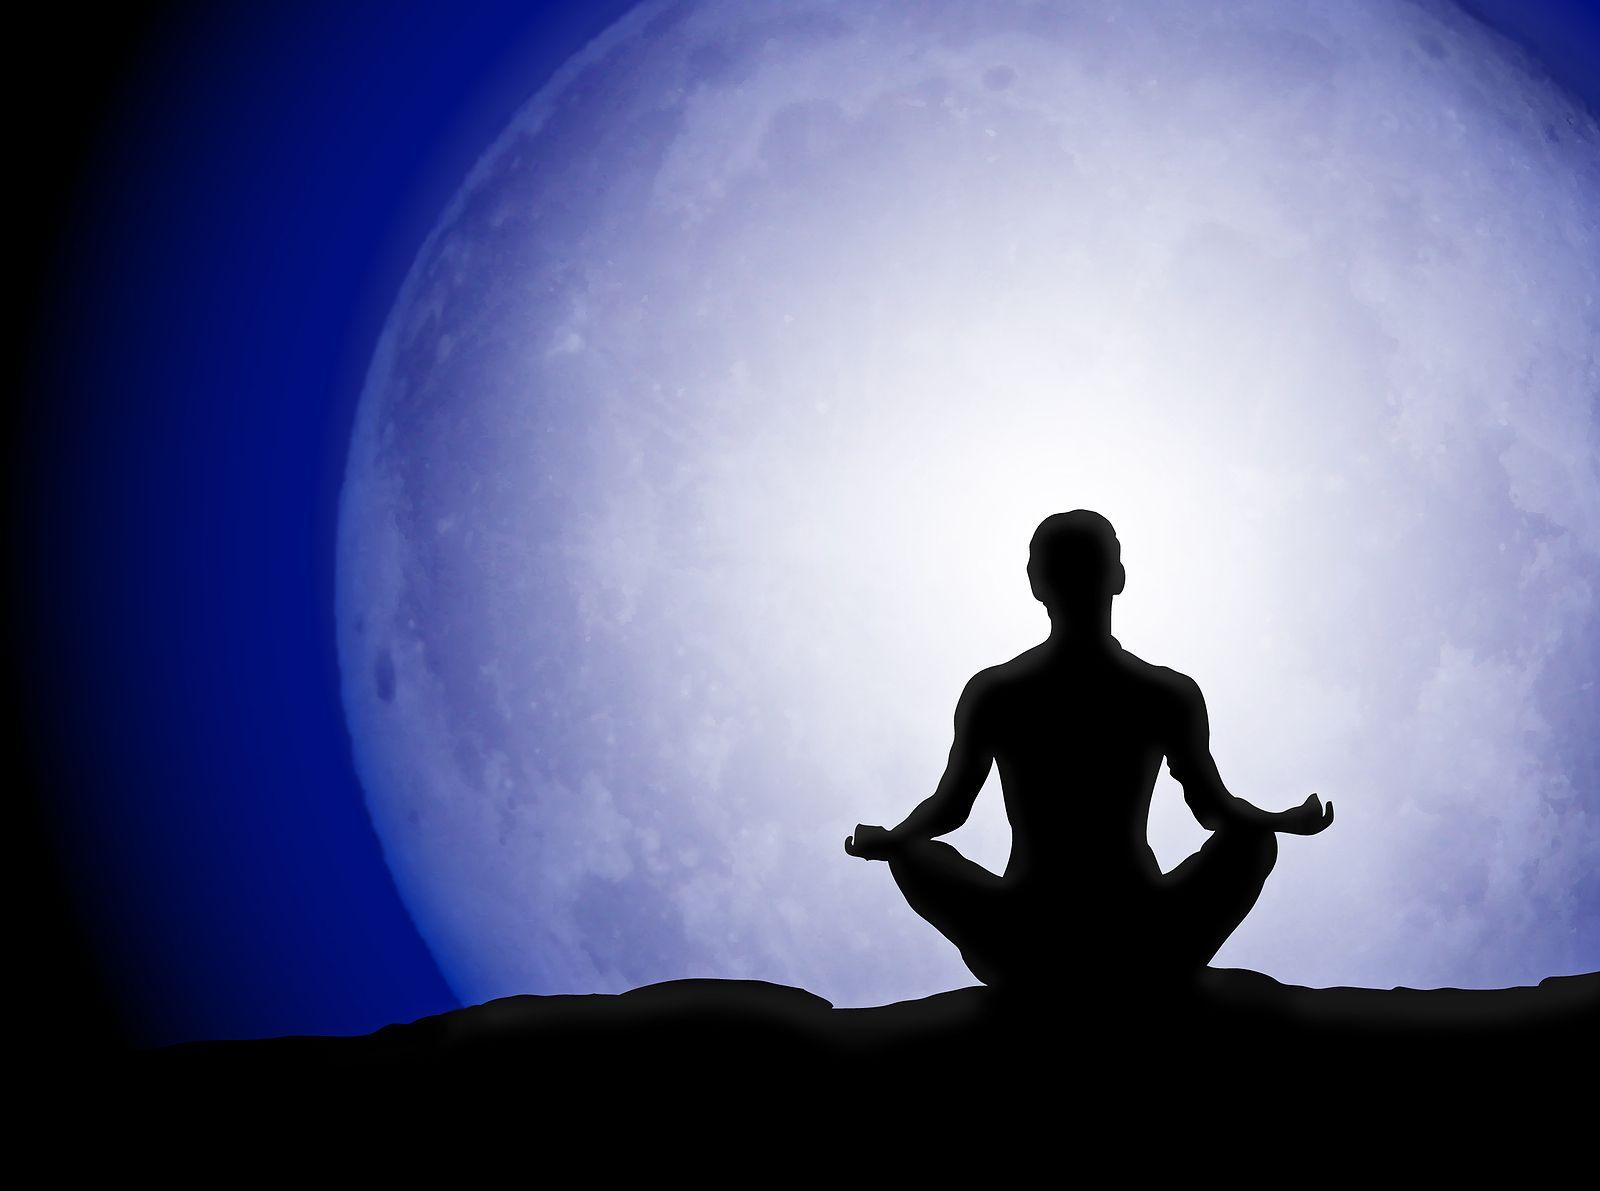 Sessões gratuitas de meditação guiada acontecem em nove cidades brasileiras: Brasília, Curitiba, Recife, Rio de Janeiro, São Paulo, Salvador, Santos, Aracaju e Fernando de Noronha.